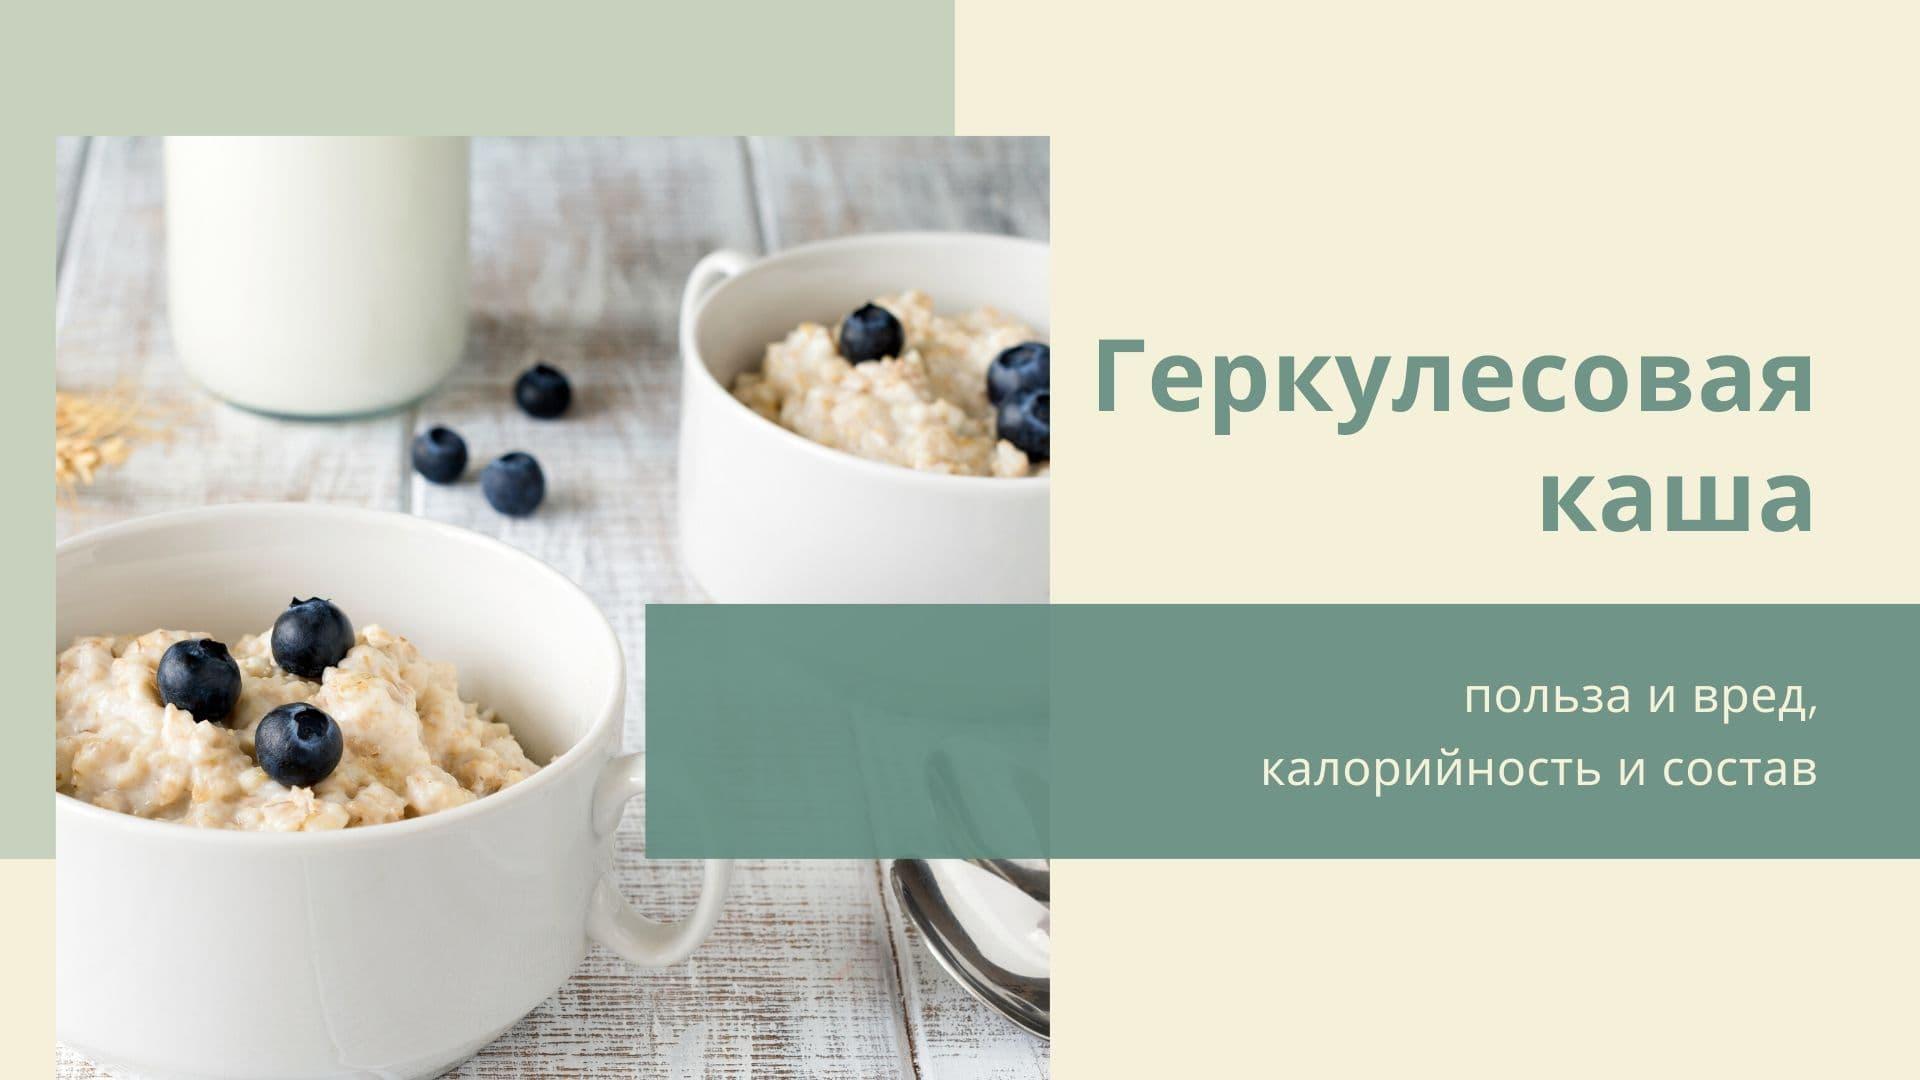 Сколько калорий входит в состав геркулесовой каши: рецепты приготовления